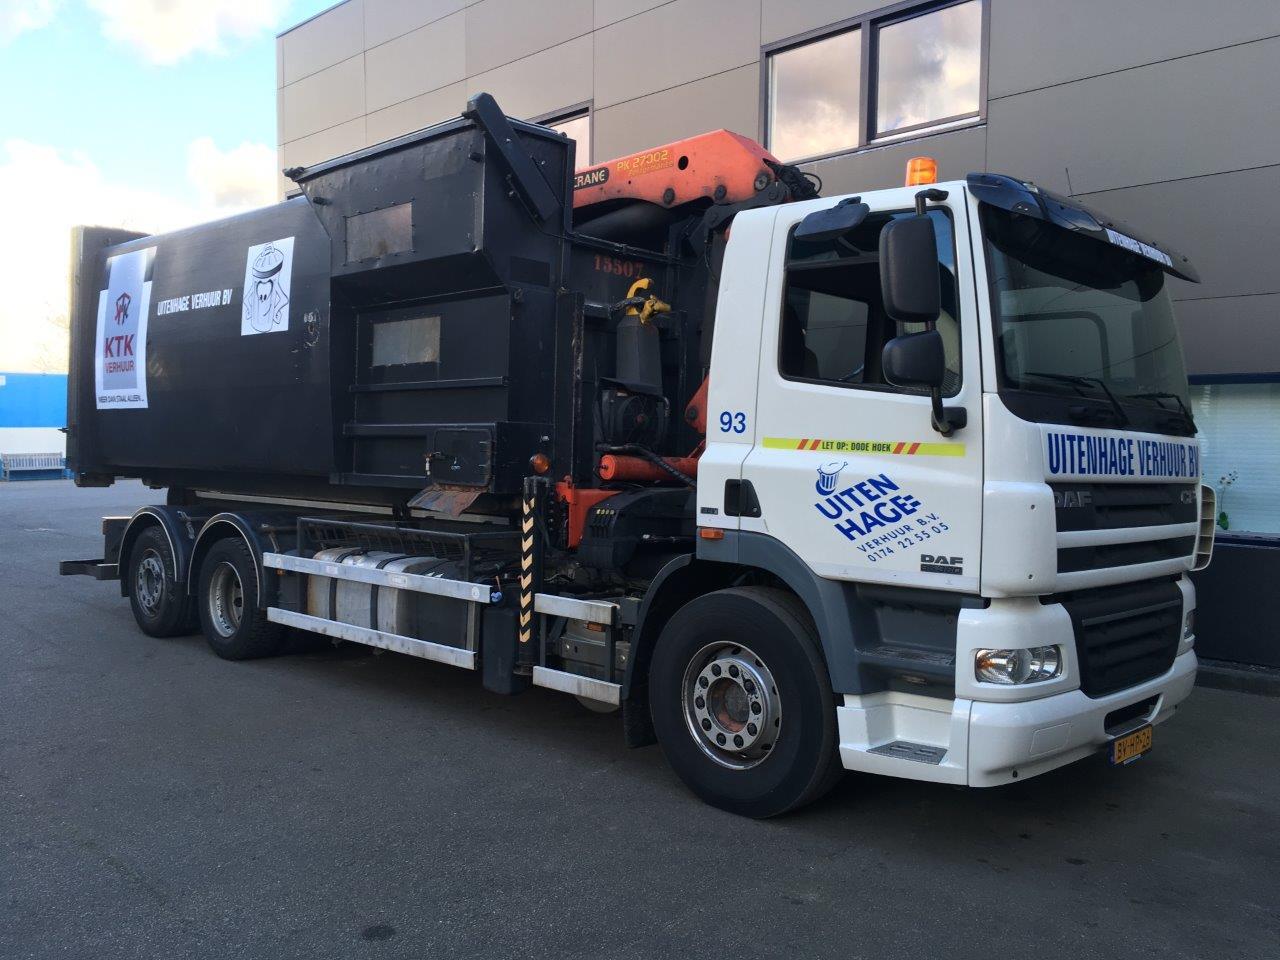 093 Haak- / Kraanwagen met KTK perscontainer